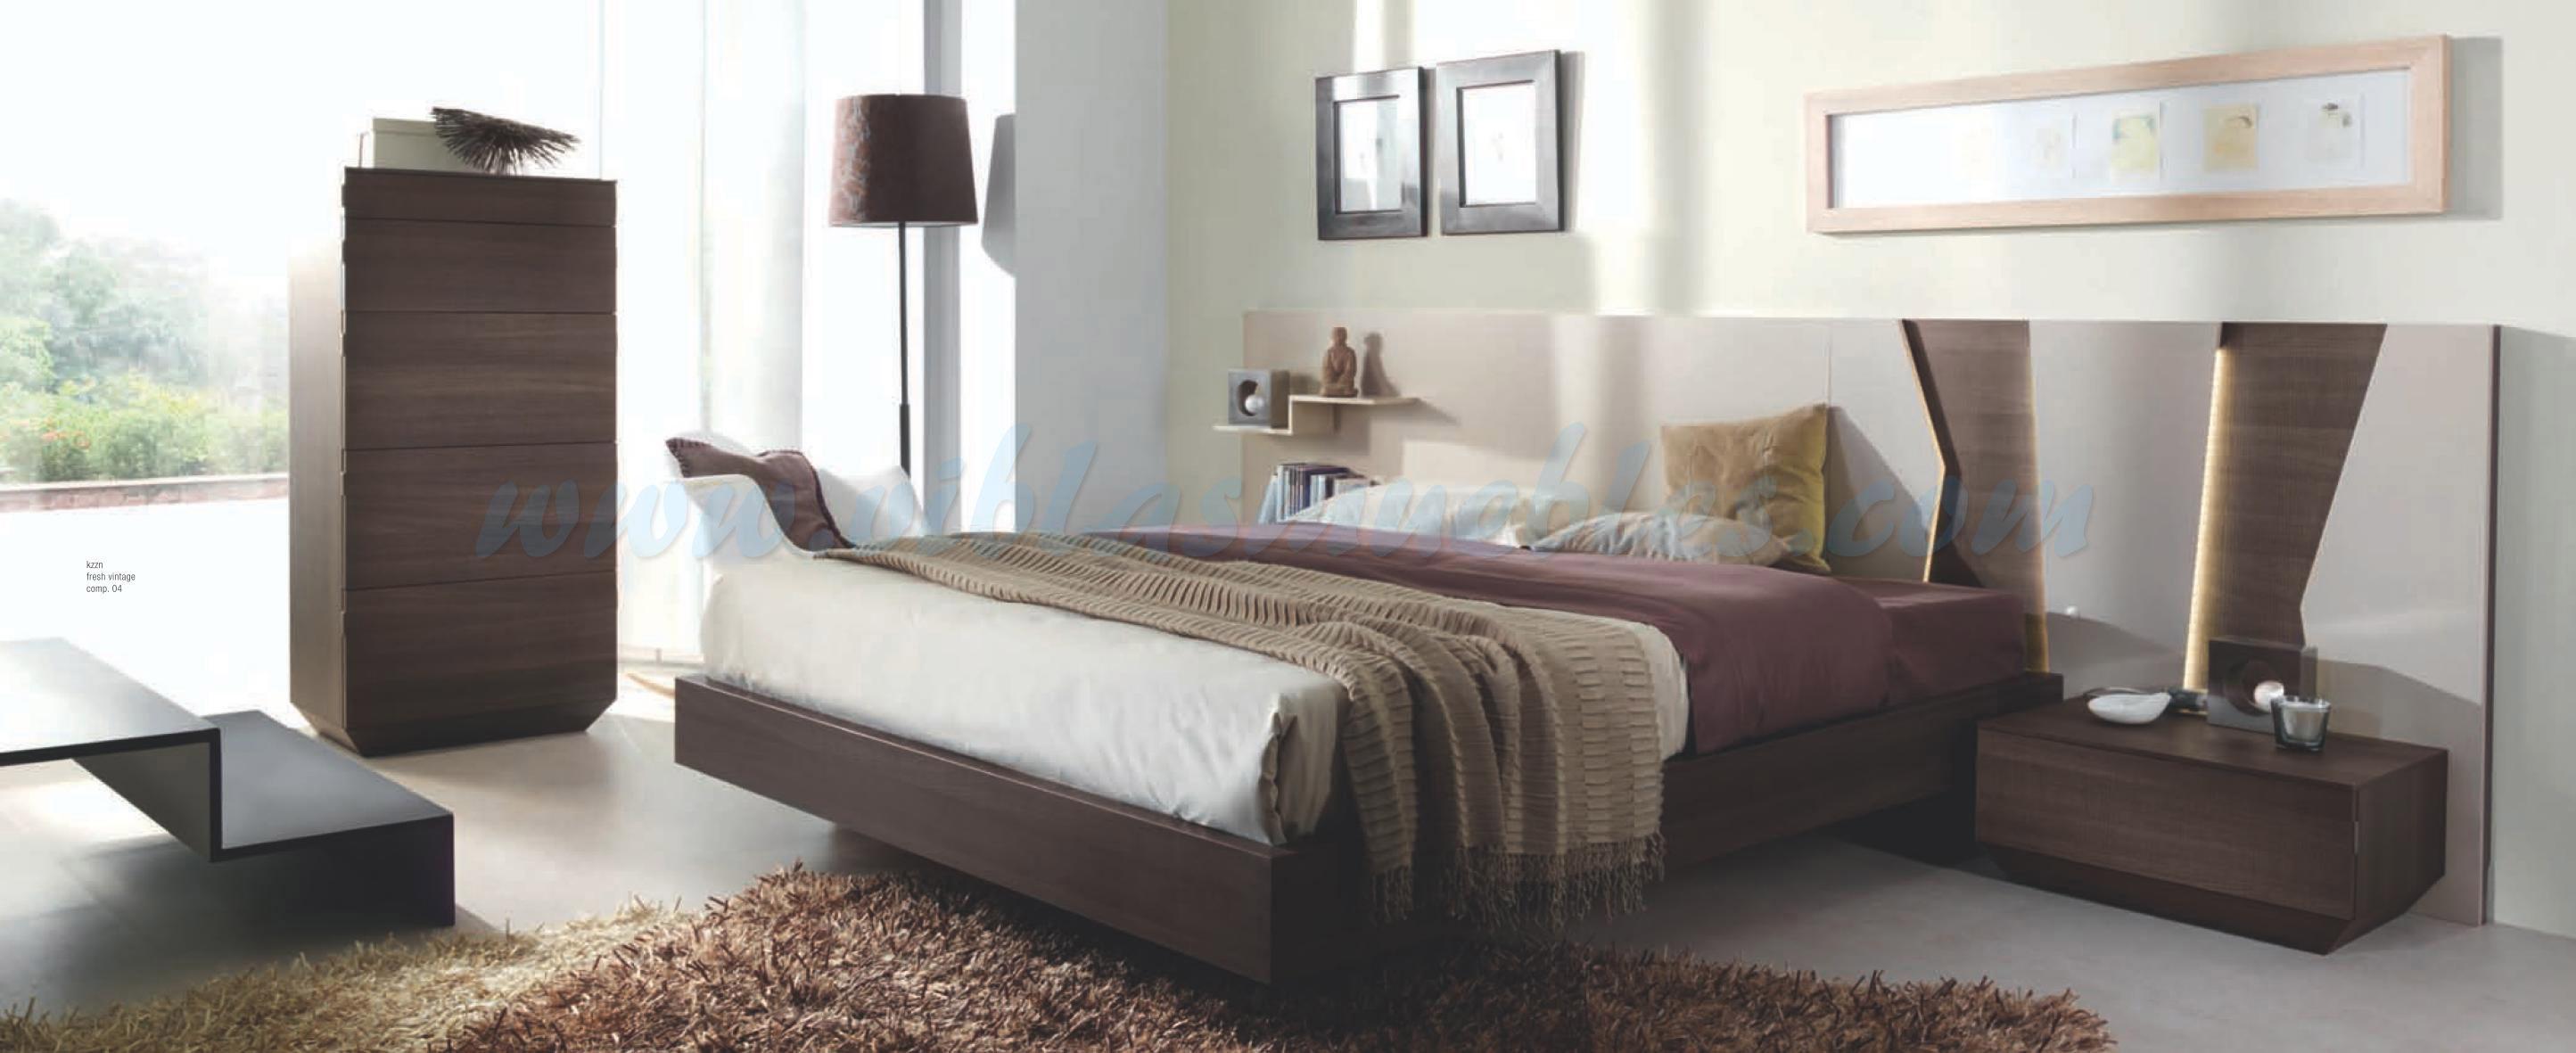 Dormitorio matrimonio muebles viblas tienda en valencia for Ofertas dormitorios matrimonio